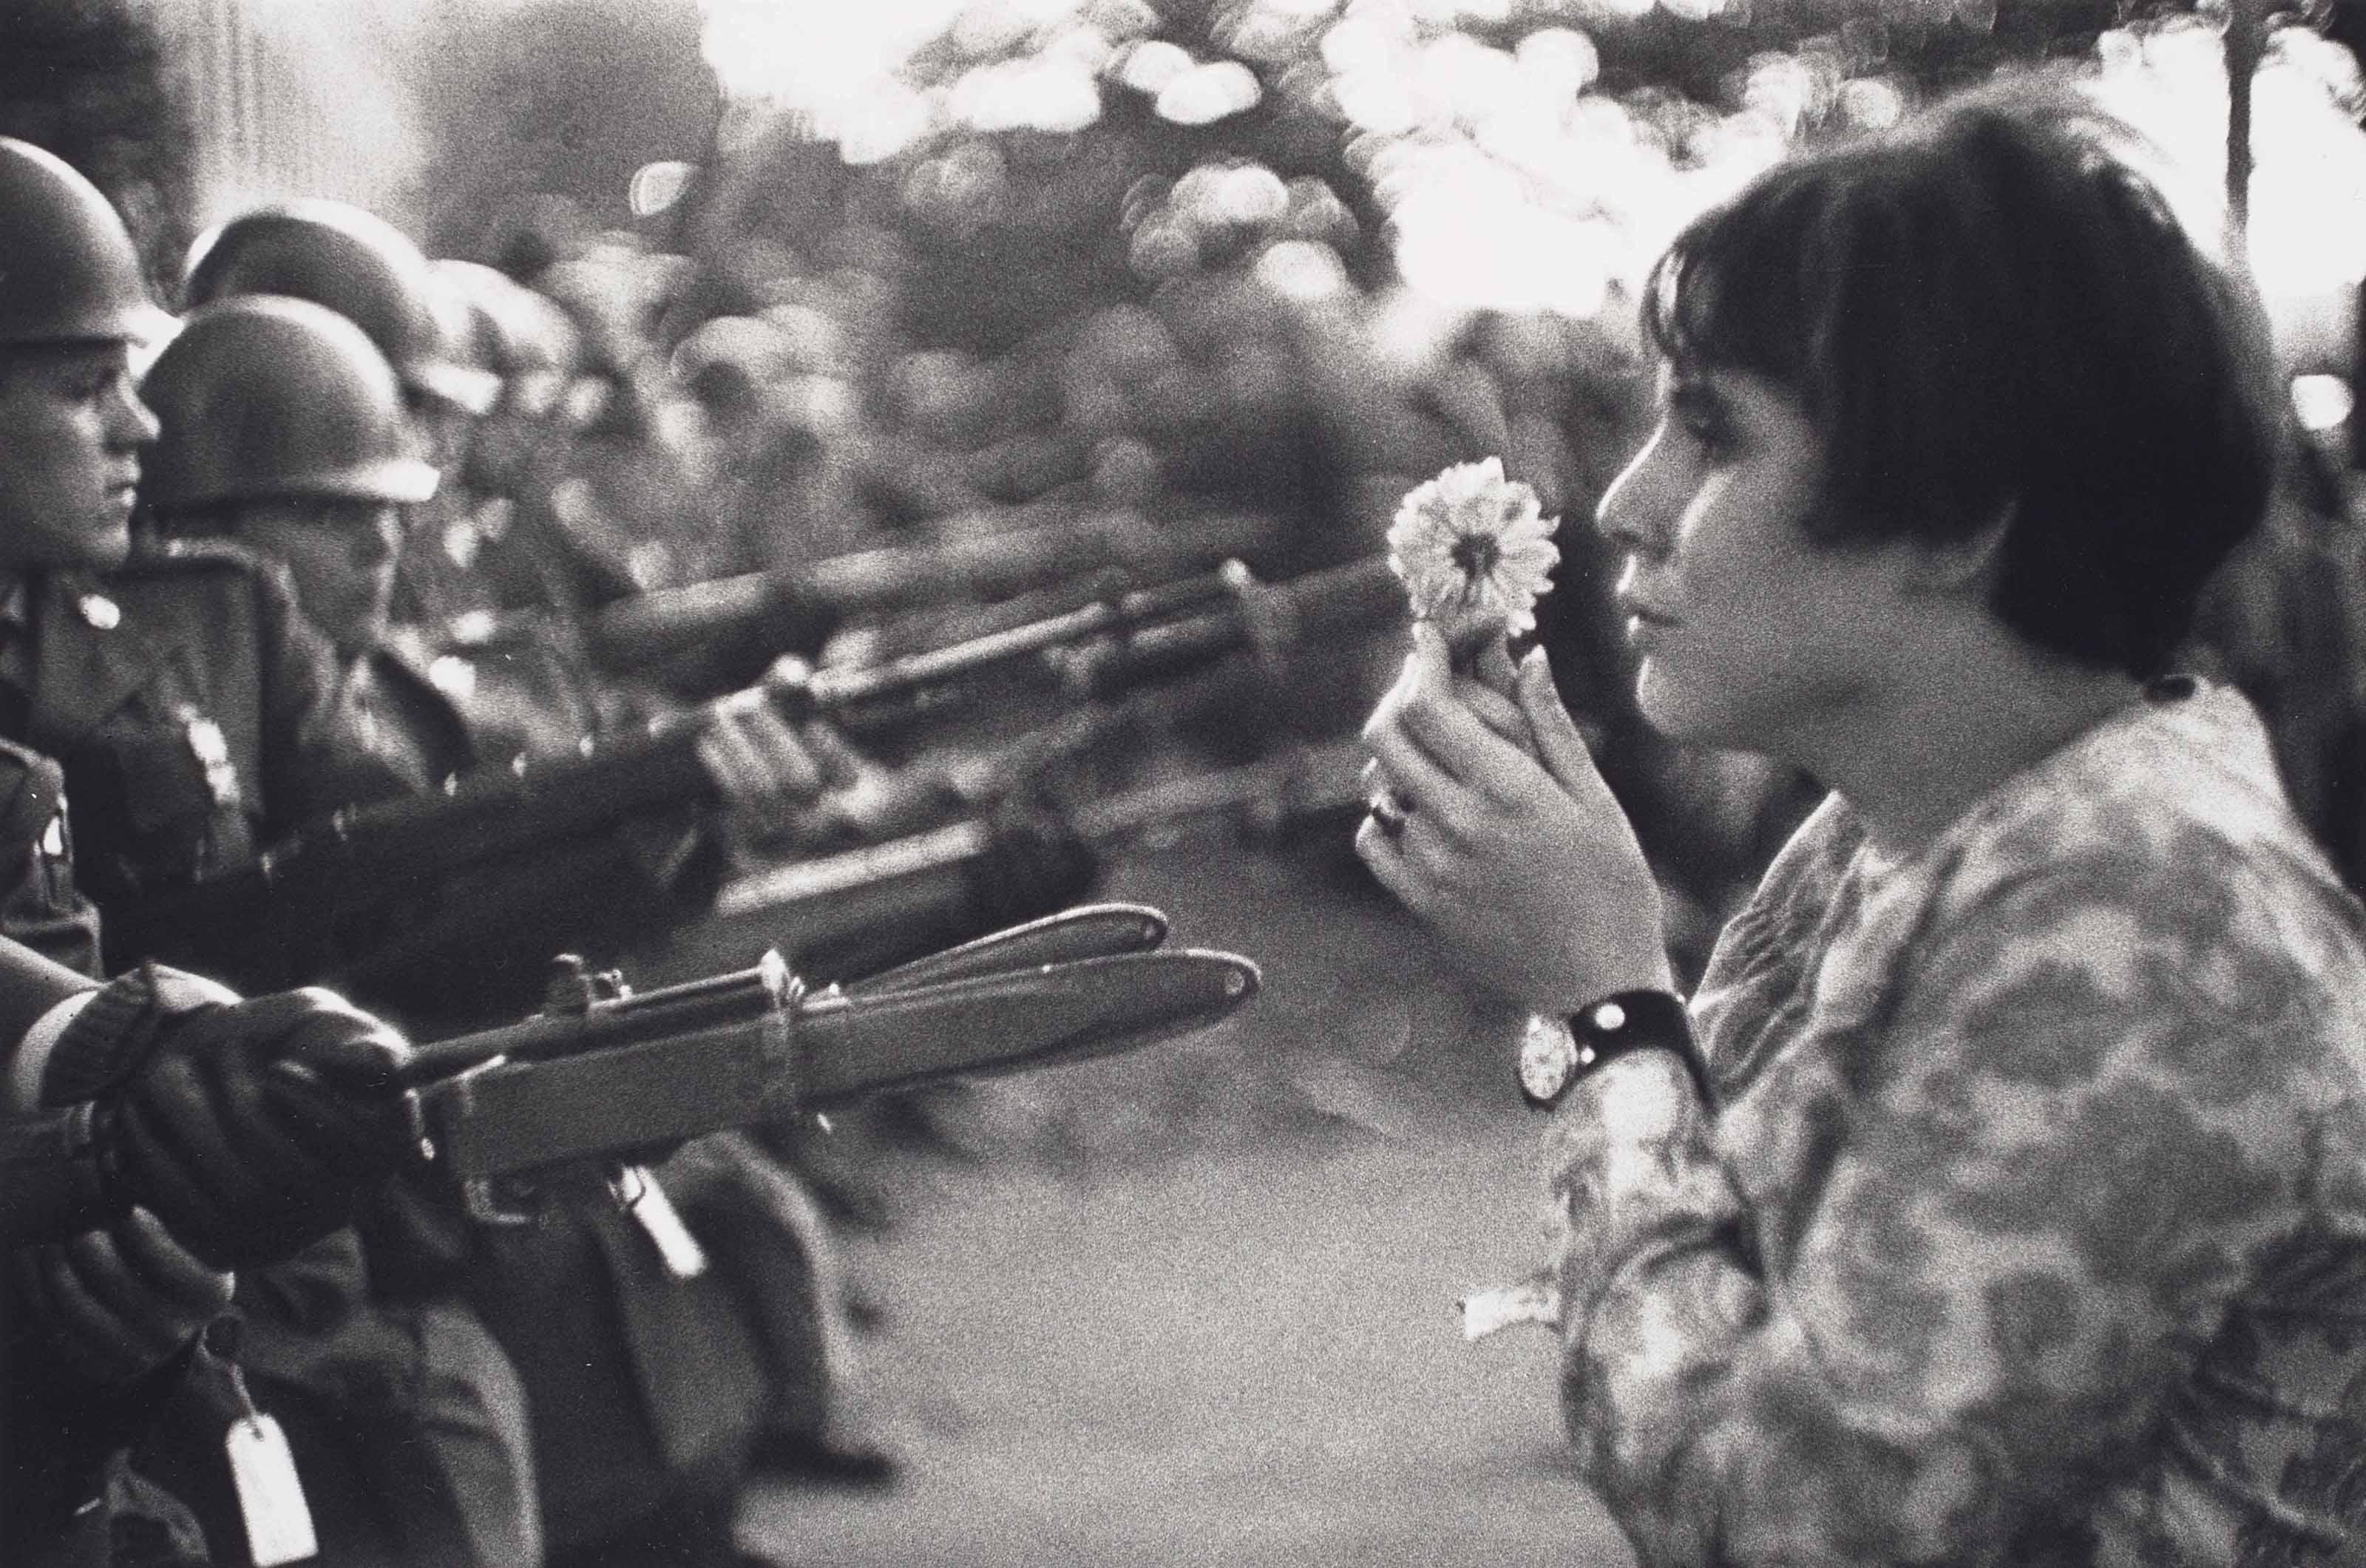 USA. Washington DC. 1967